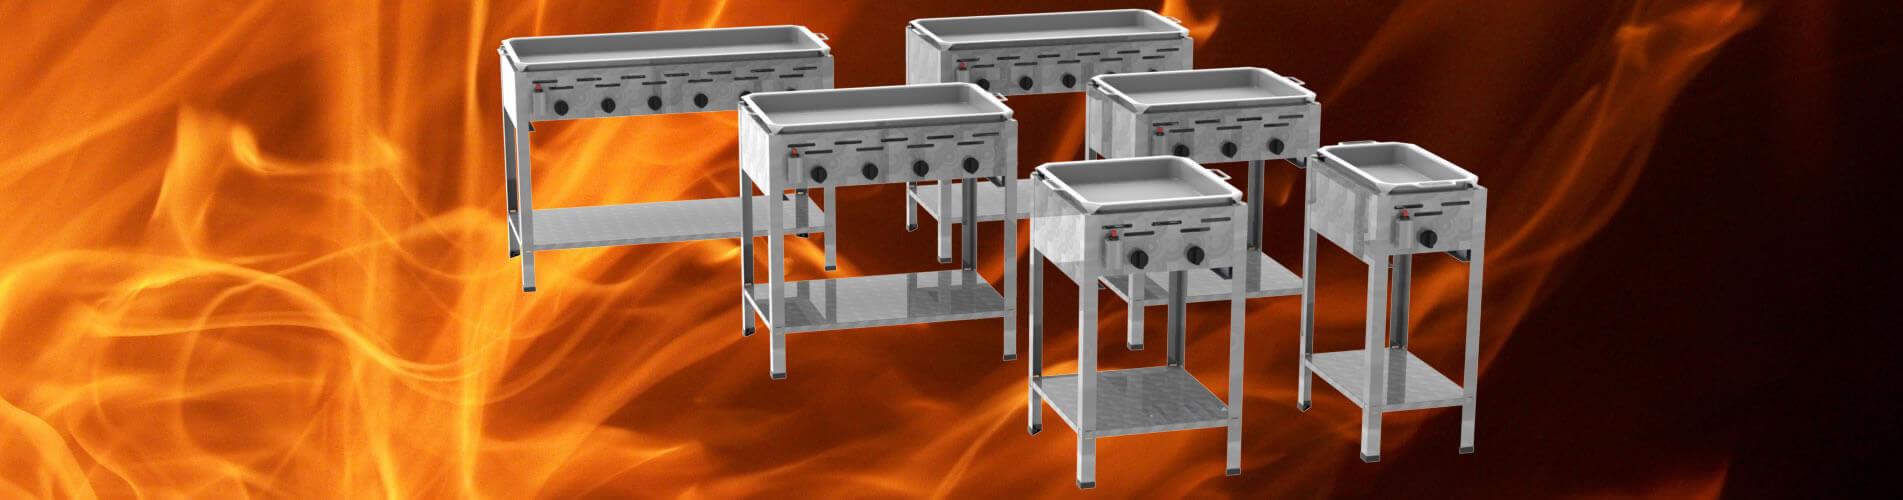 Stand-Gastrobräter mit Pfanne 1-flammig bis 6-flammig